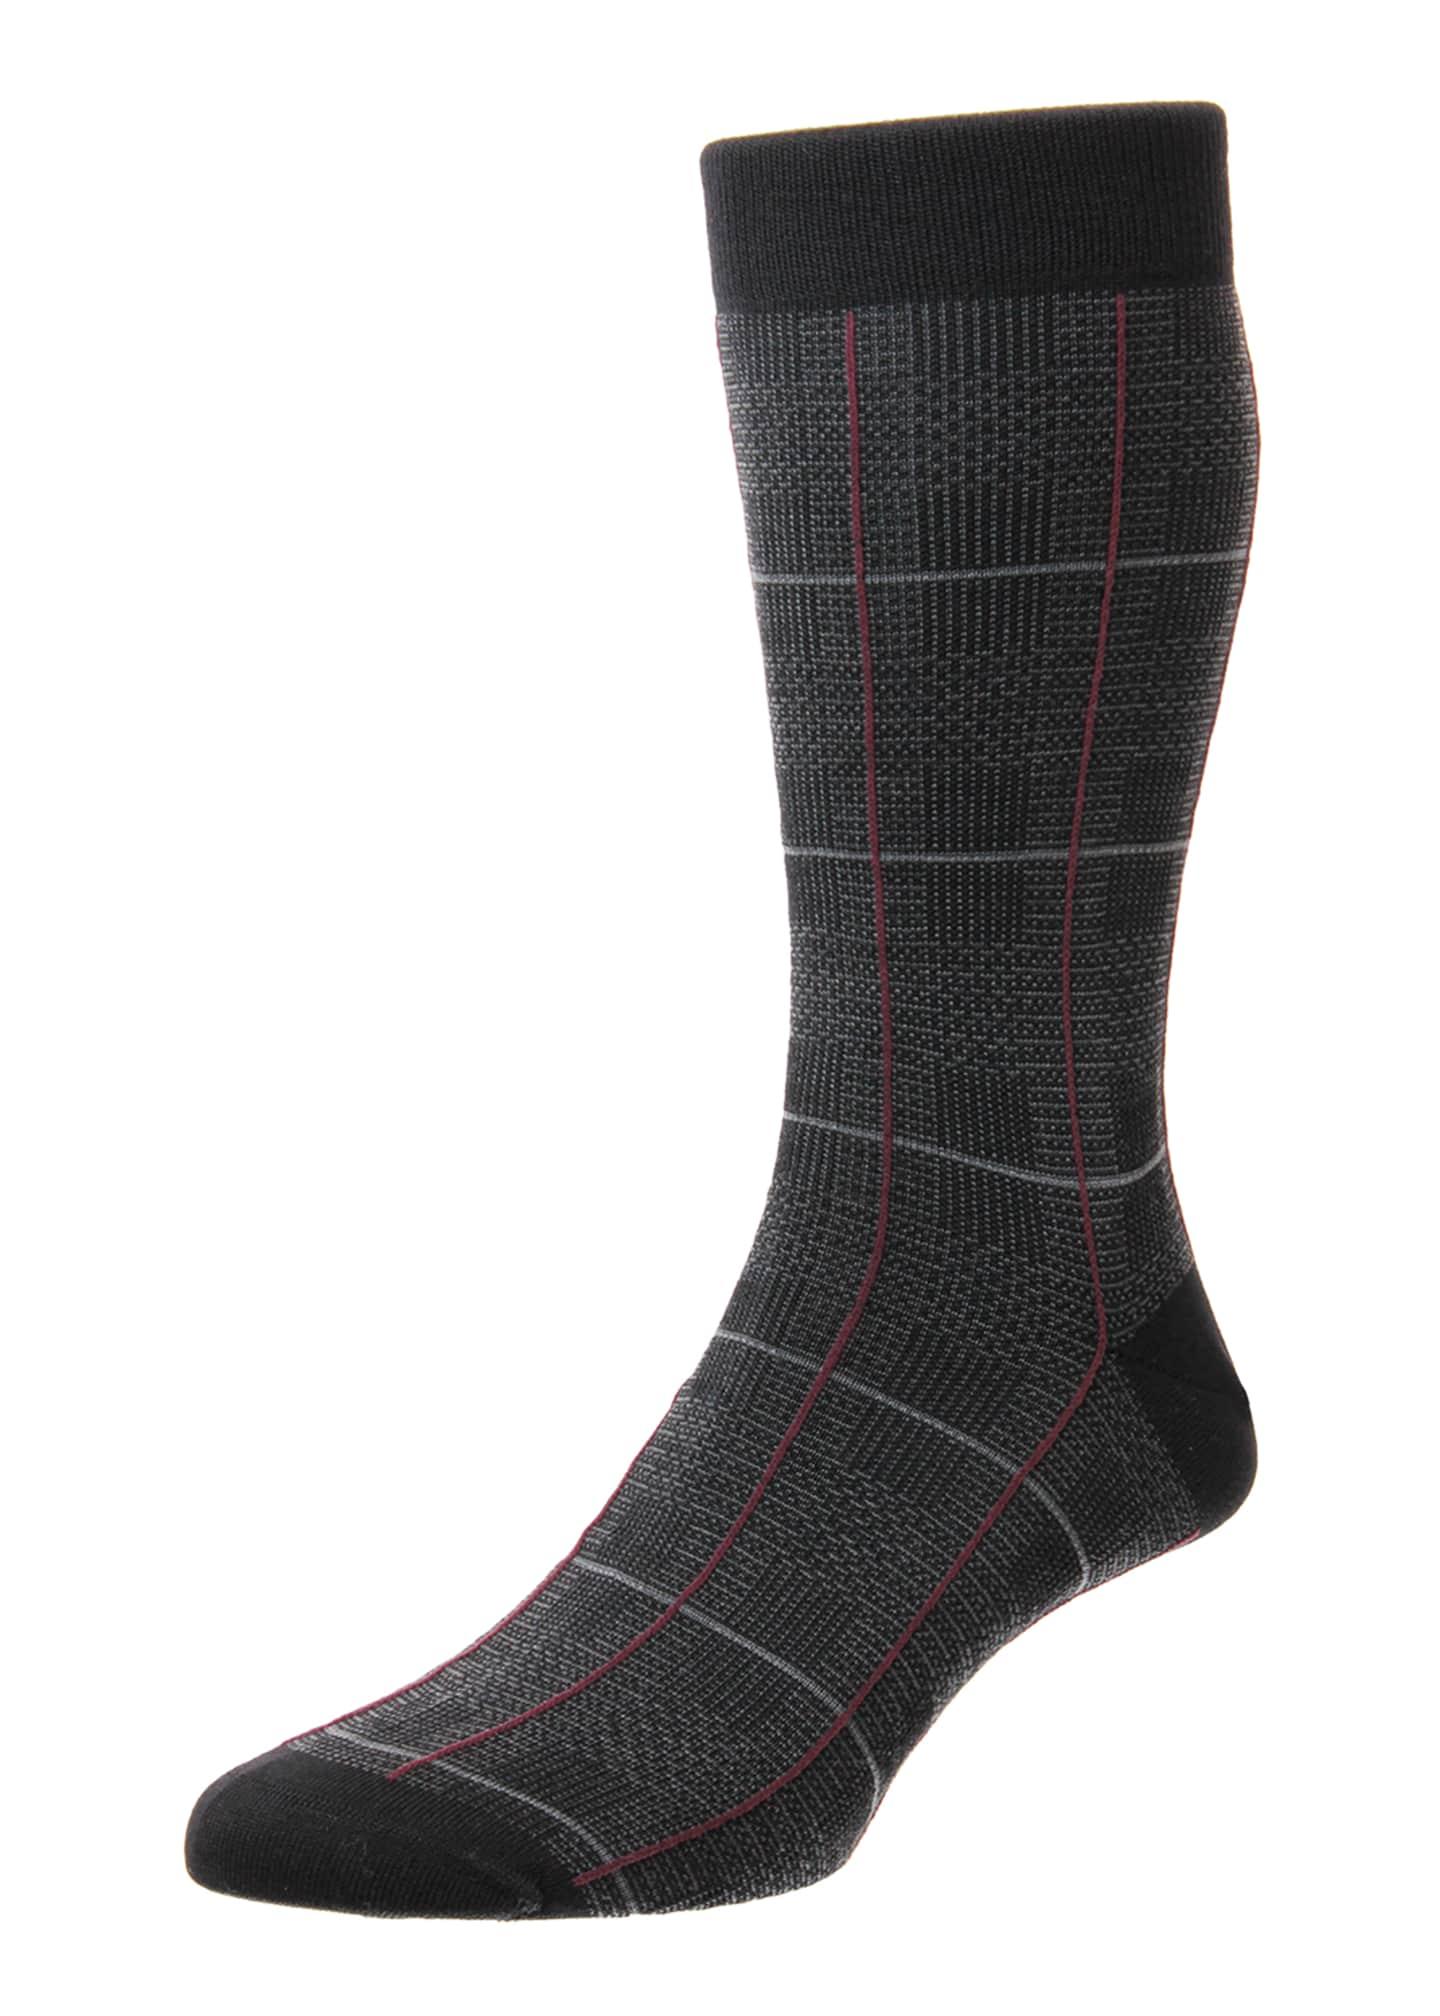 Pantherella Men's Chesham Merino Royale Windowpane Check Socks